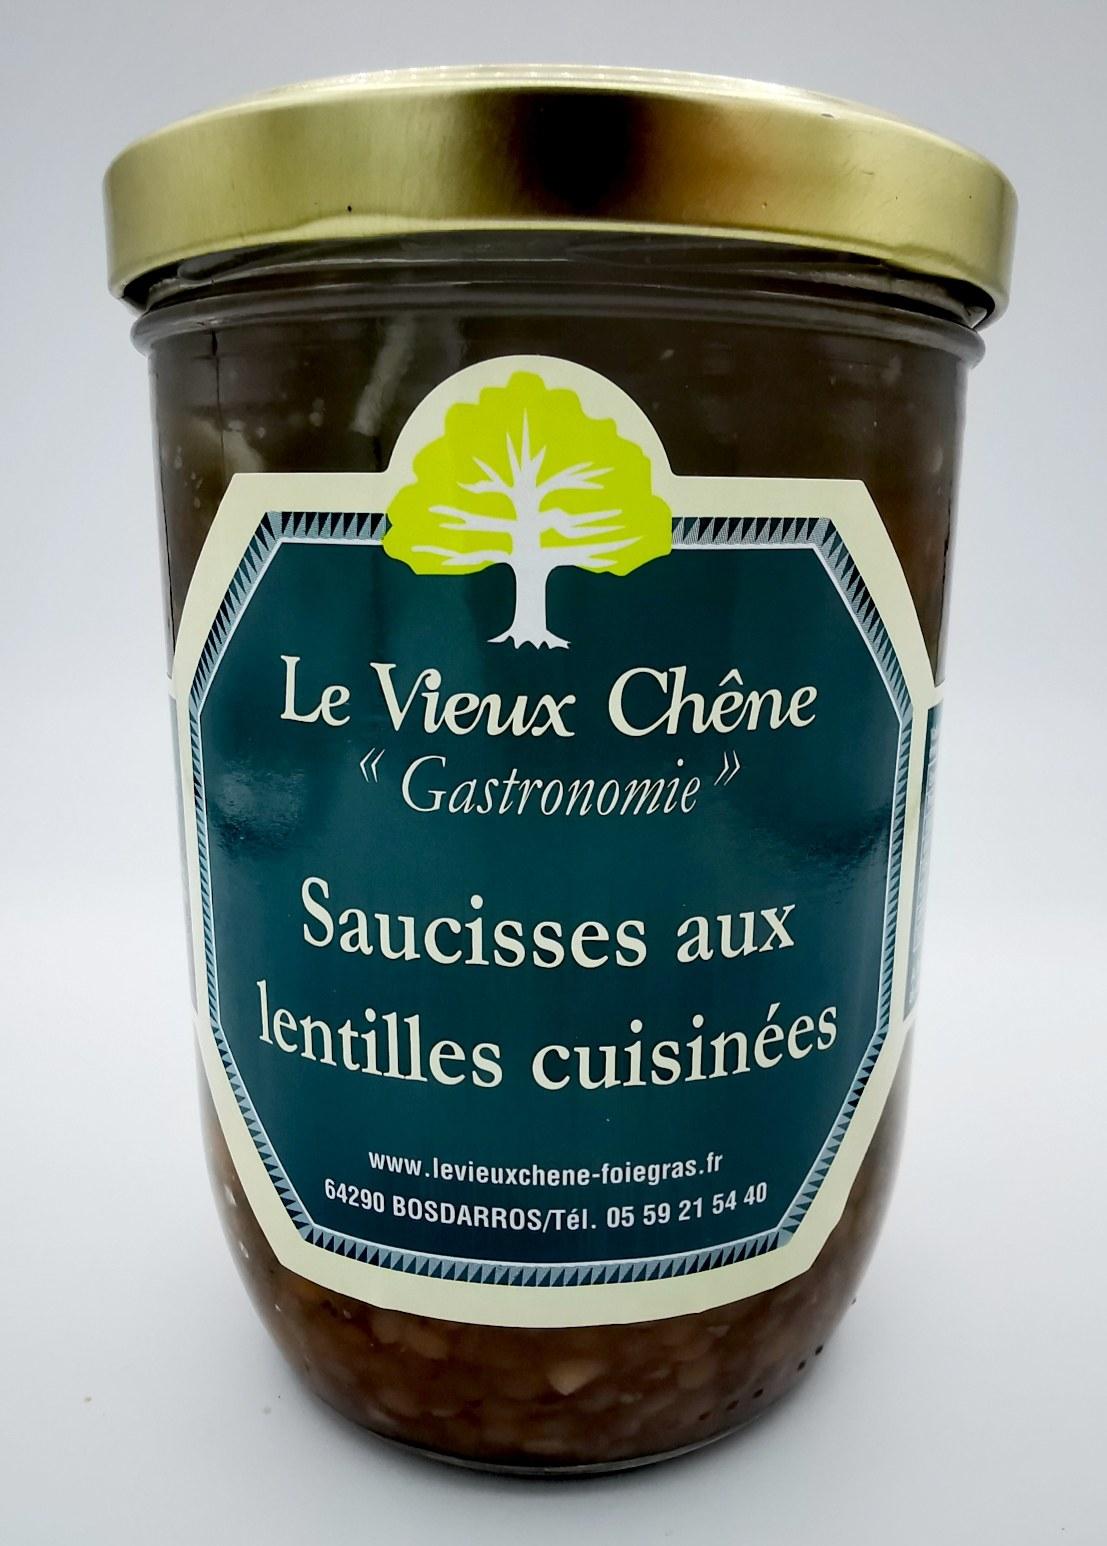 Saucisses aux Lentilles cuisinées - le vieux chêne - charcuterie - vallée d'aspe - local